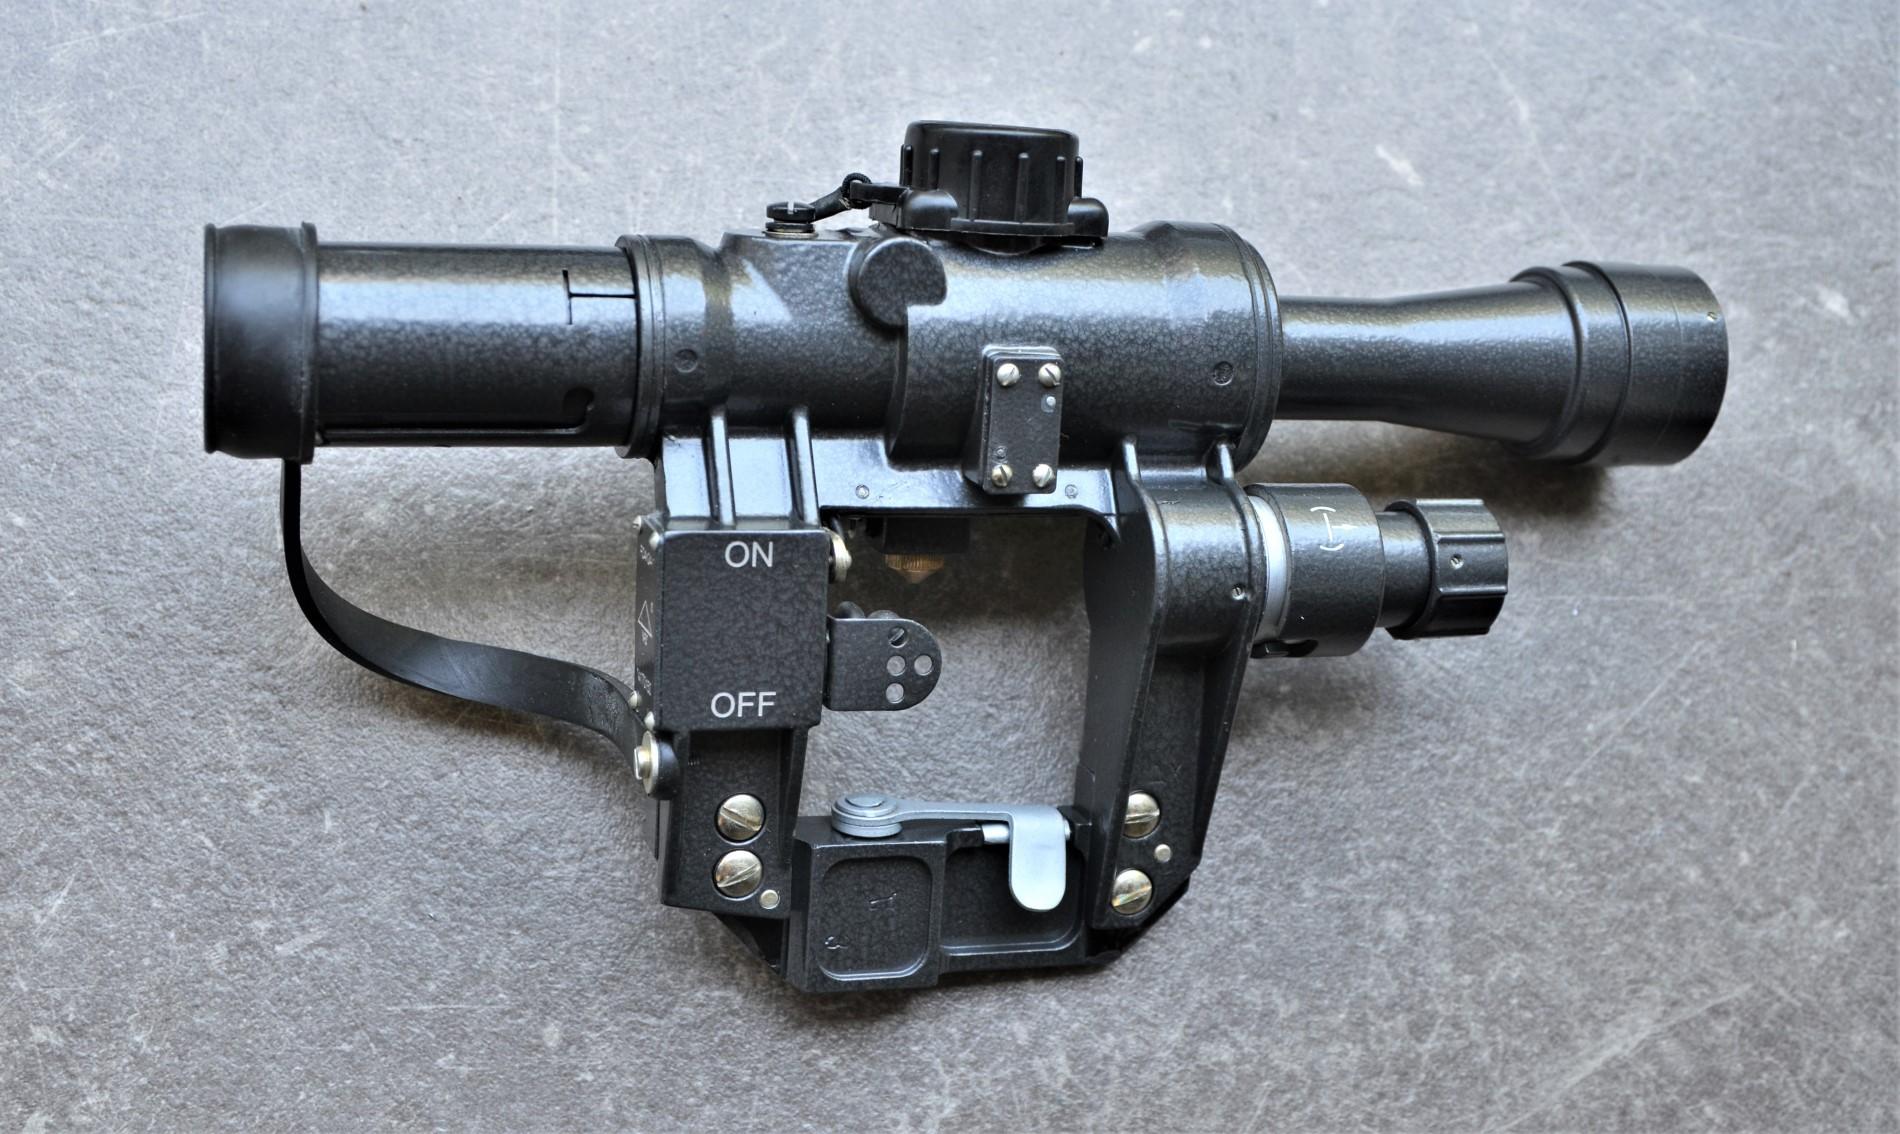 NPZ PO (PSO-1) 4X24-1 - Zielfernrohr für AK Seitenmontageschiene